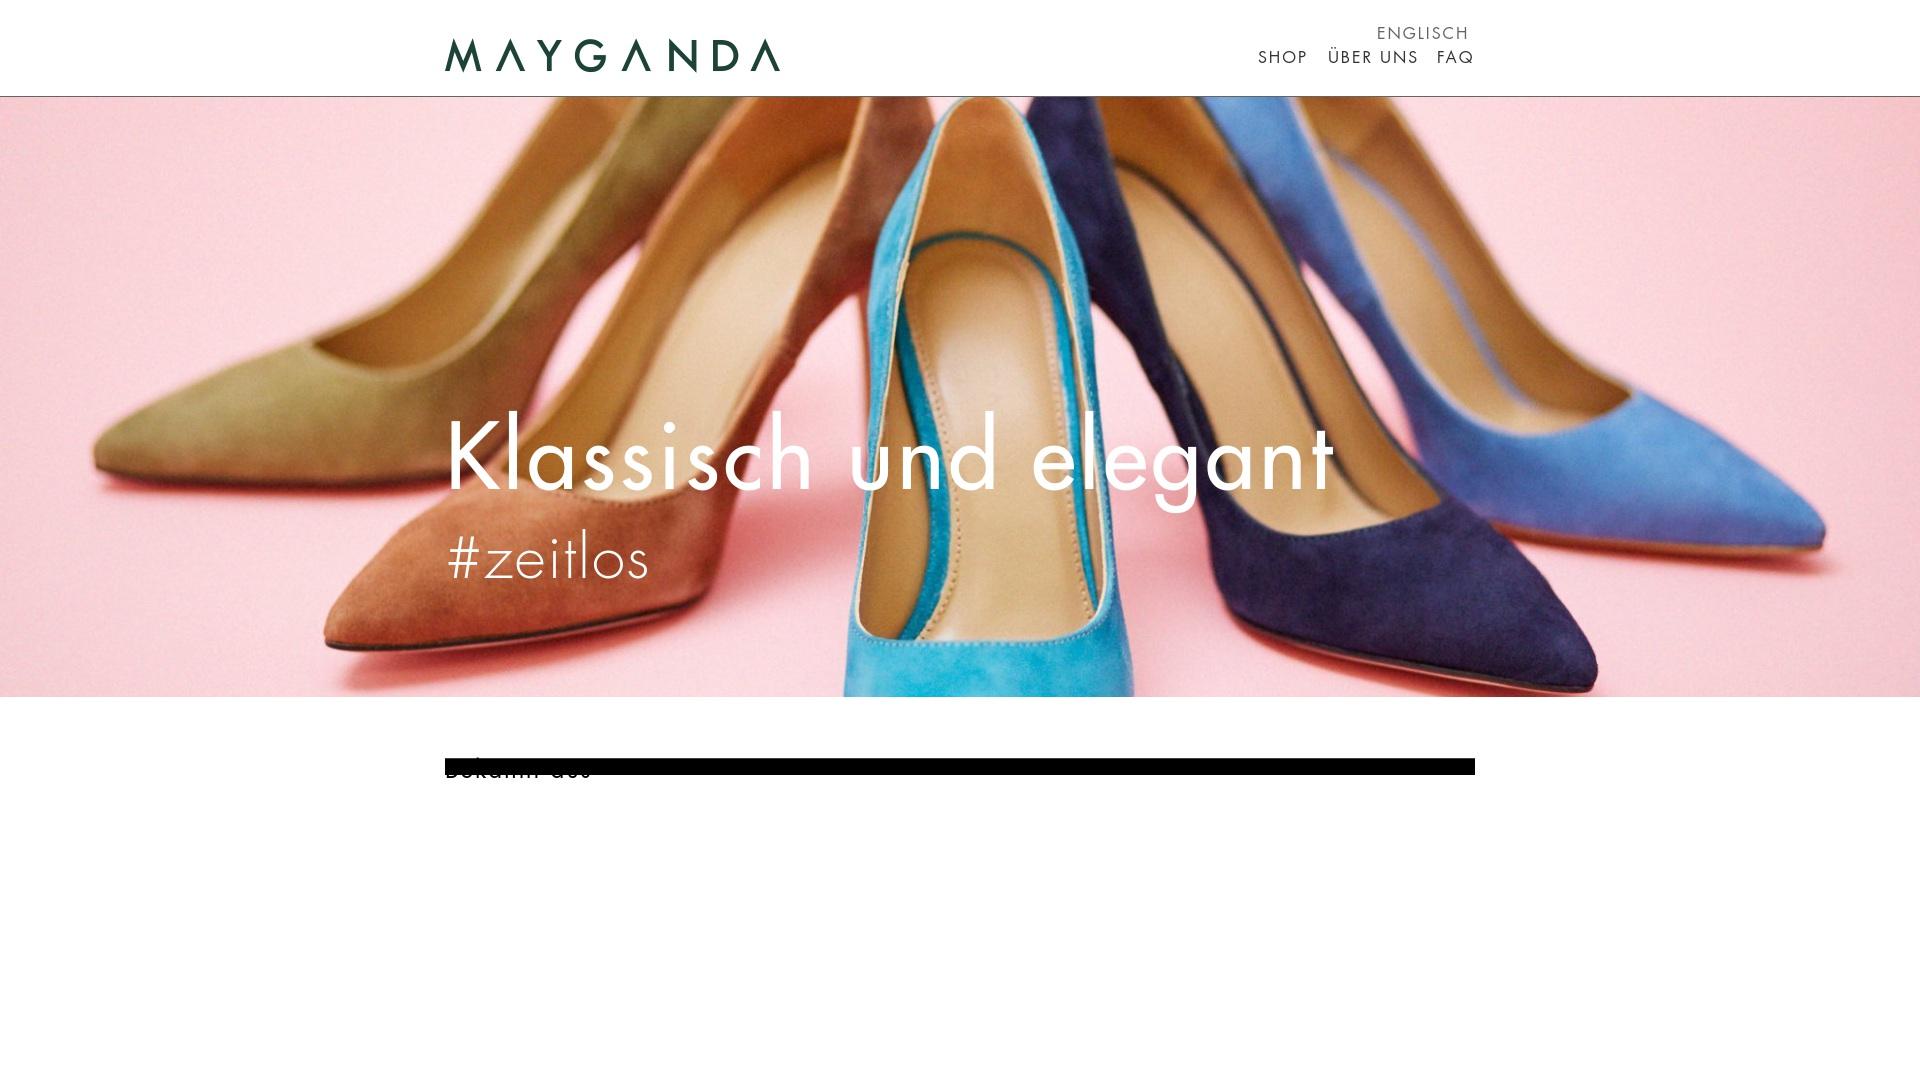 Gutschein für Mayganda: Rabatte für  Mayganda sichern